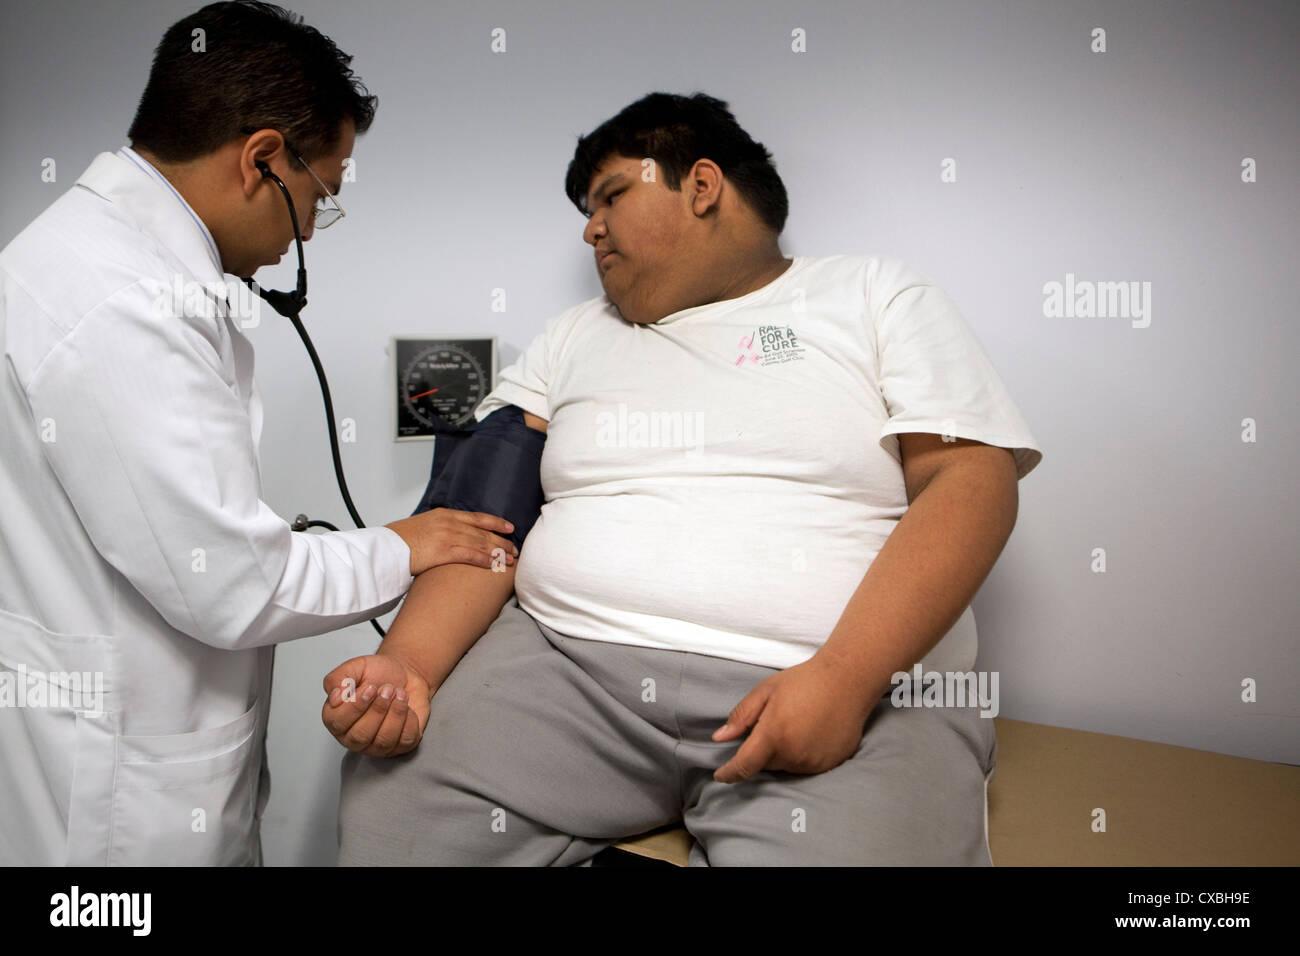 La obesidad mórbida infantil en México Imagen De Stock